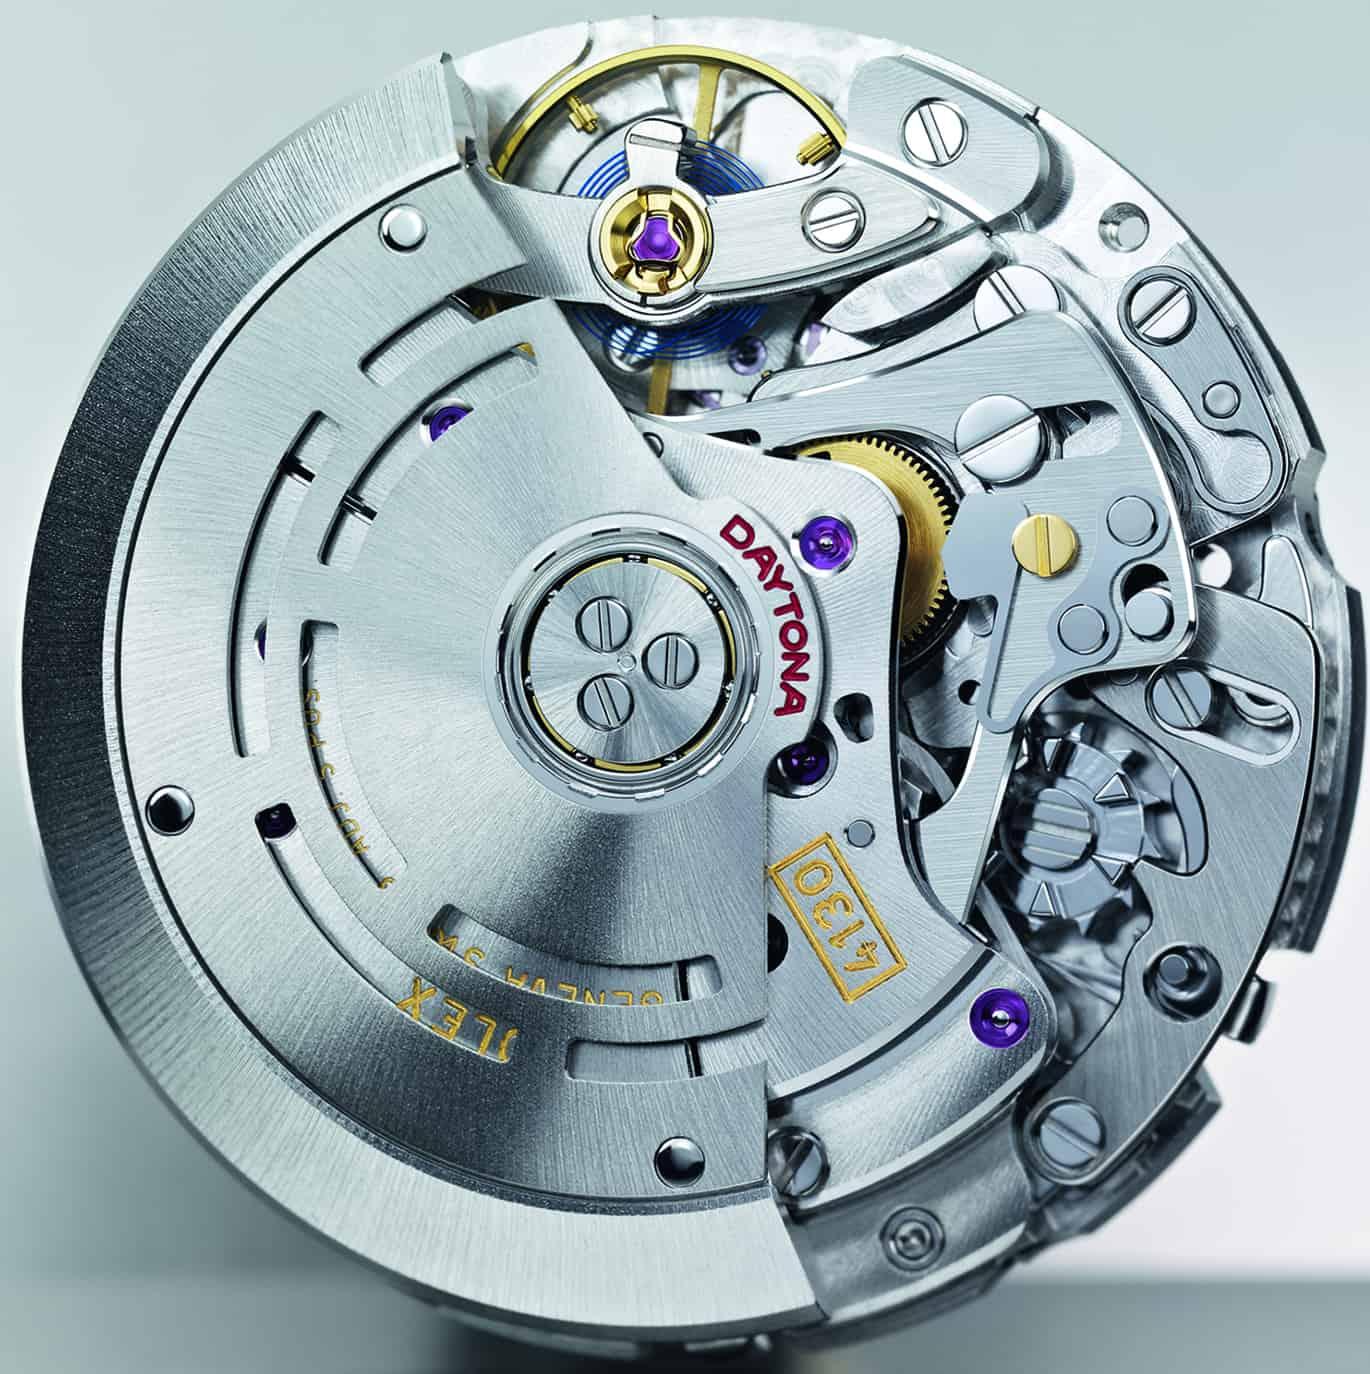 Seit dem Jahr 2000 hat sich das Chronographenkaliber 4130 von Rolex bewährt